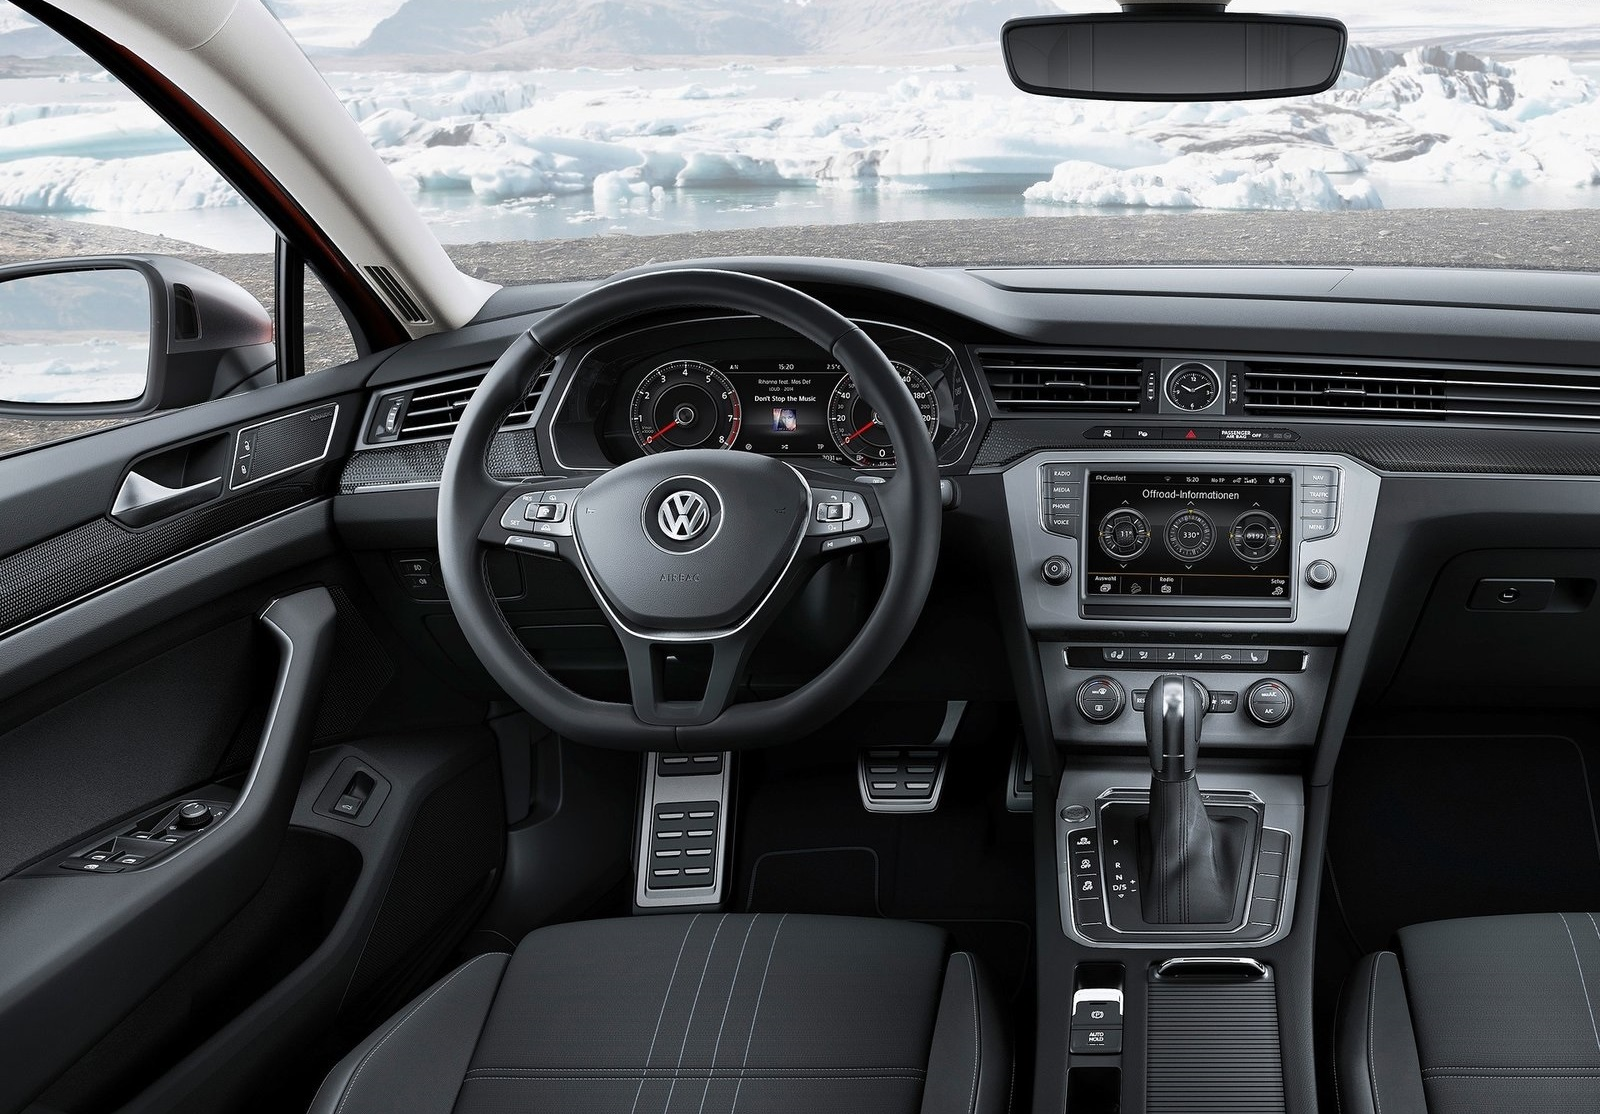 2016 Volkswagen Passat Alltrack Cockpit and Speedometer